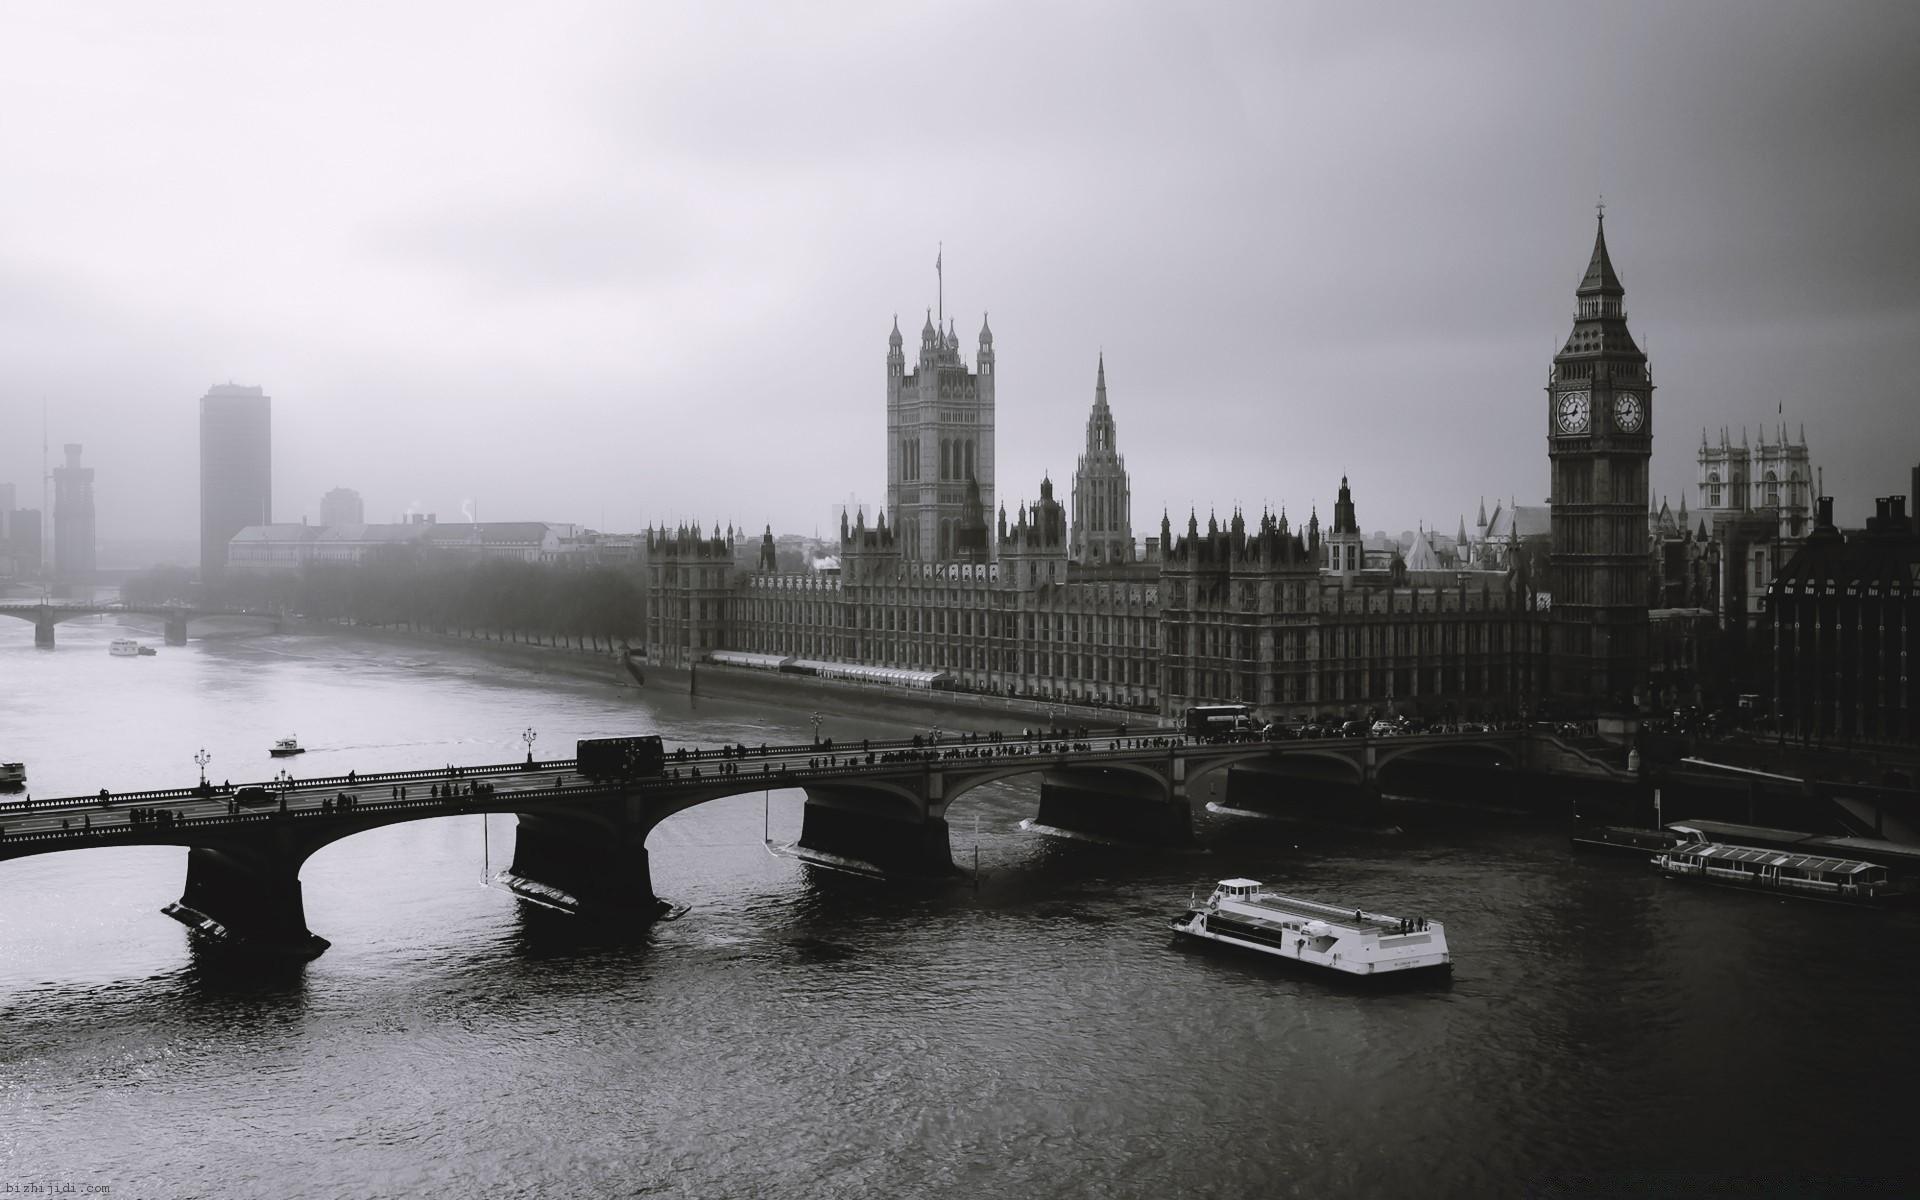 картинки спорт картинки на рабочий стол лондон черно белые это